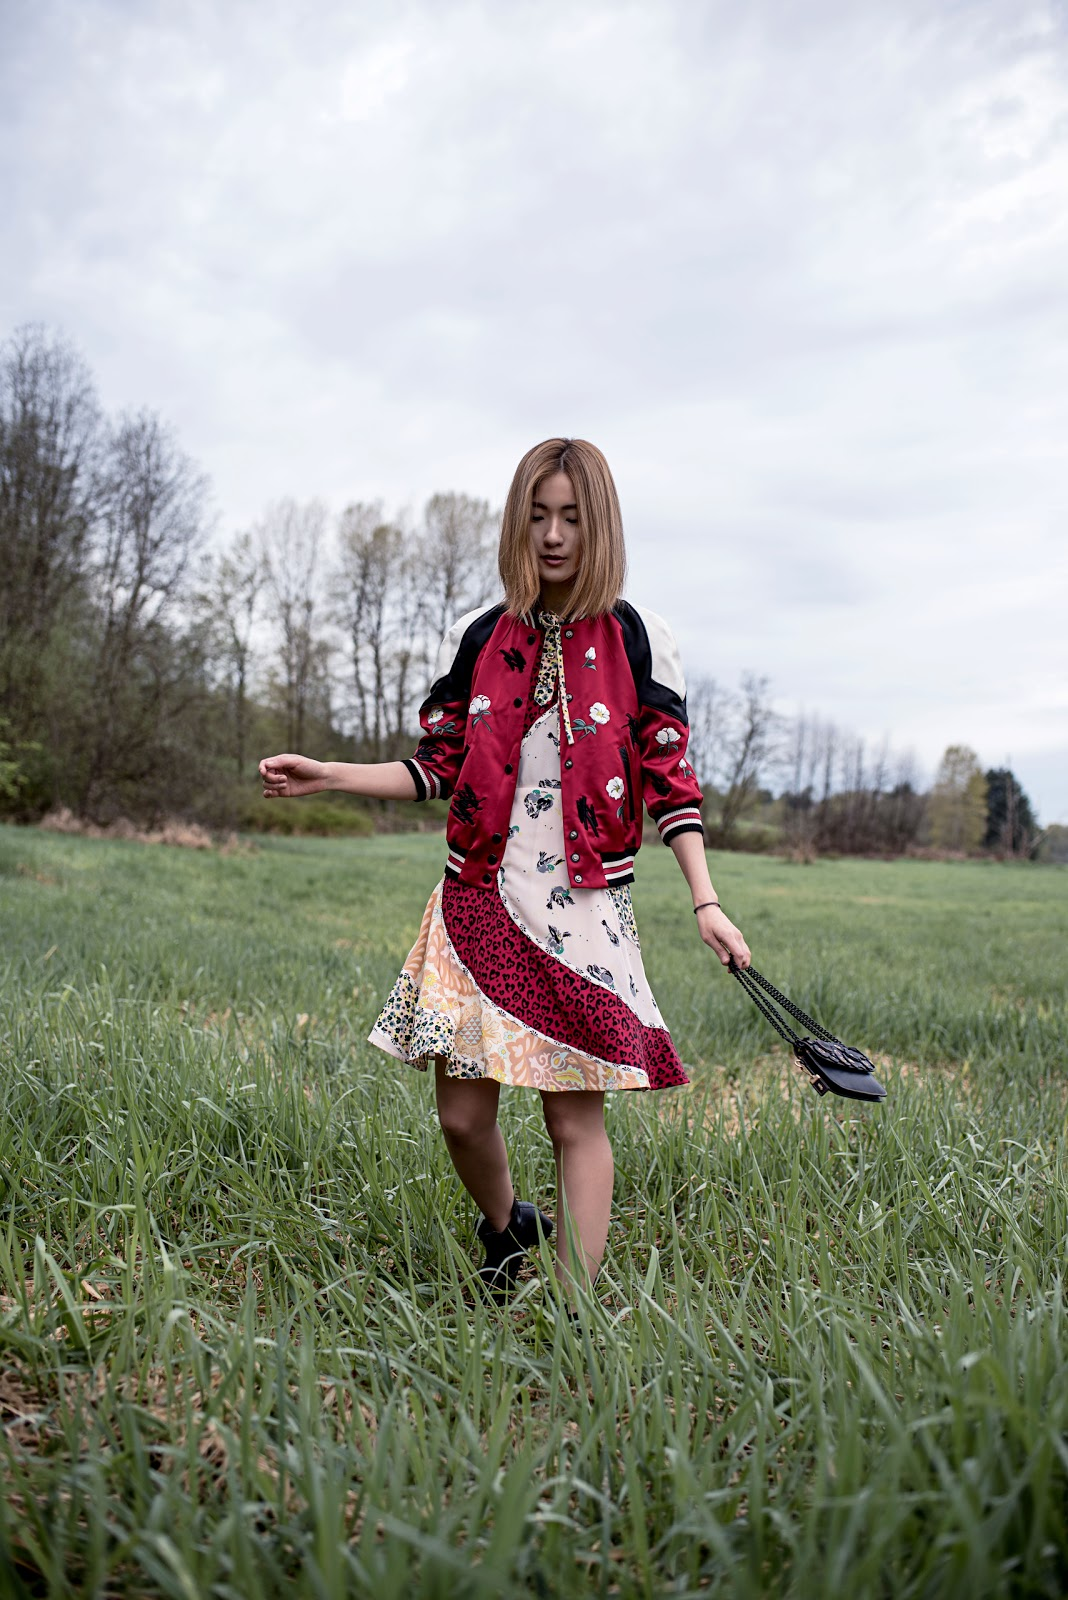 von vogue claire liu coach 1941 spring 2017 runway collection circular patchwork dress shrunken varsity jacket